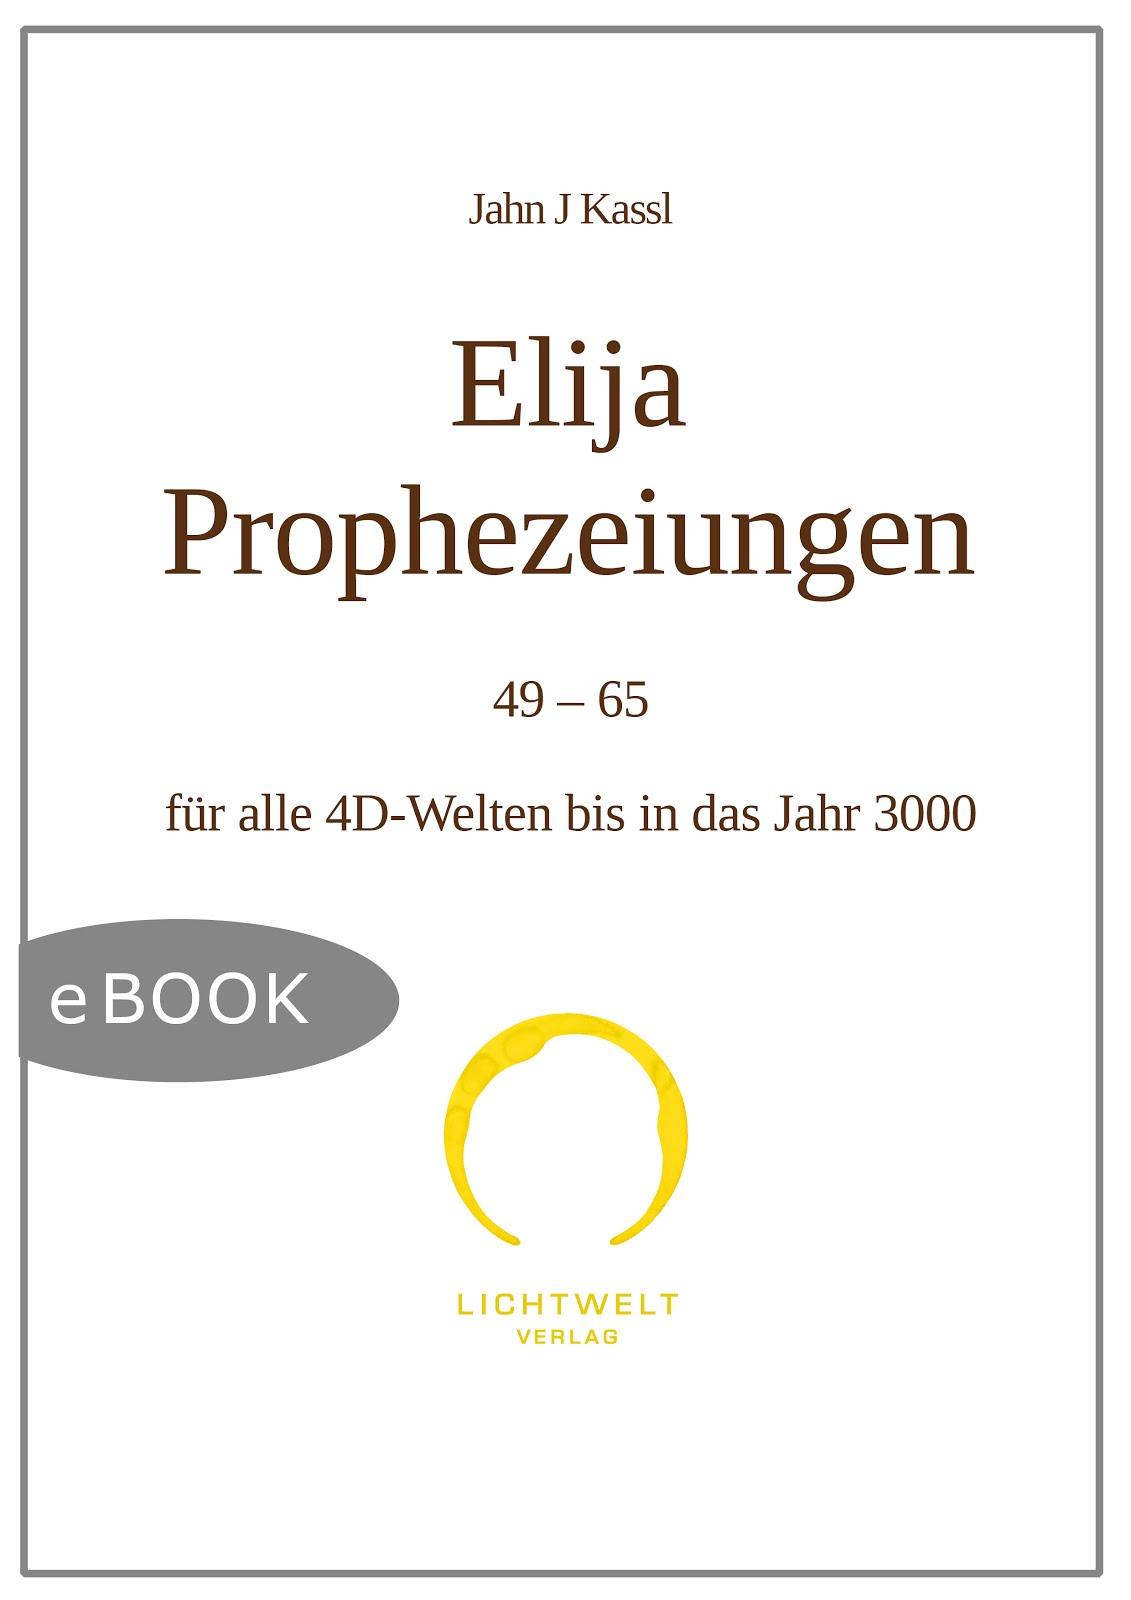 Elija Prophezeiungen 49-65 - JJK (digitale Ausgabe),